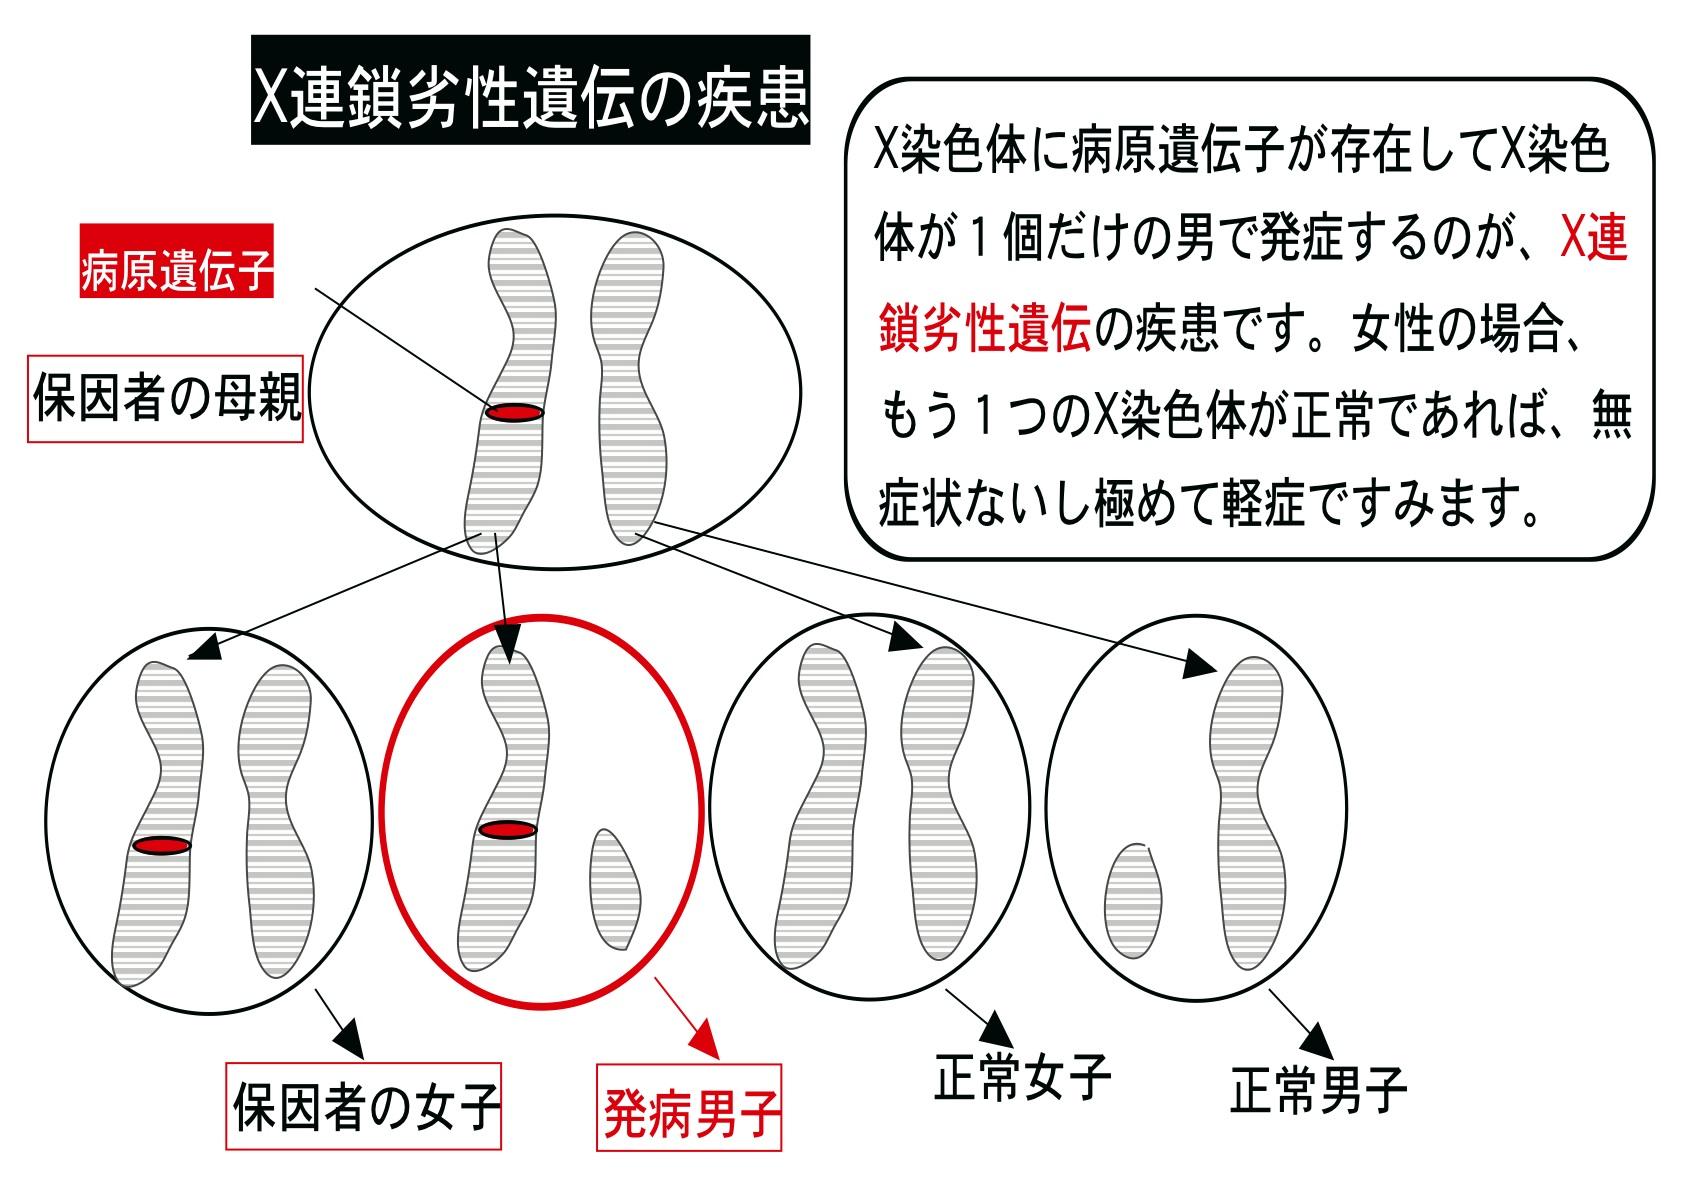 X染色体の遺伝子の異常による病気をまとめた図